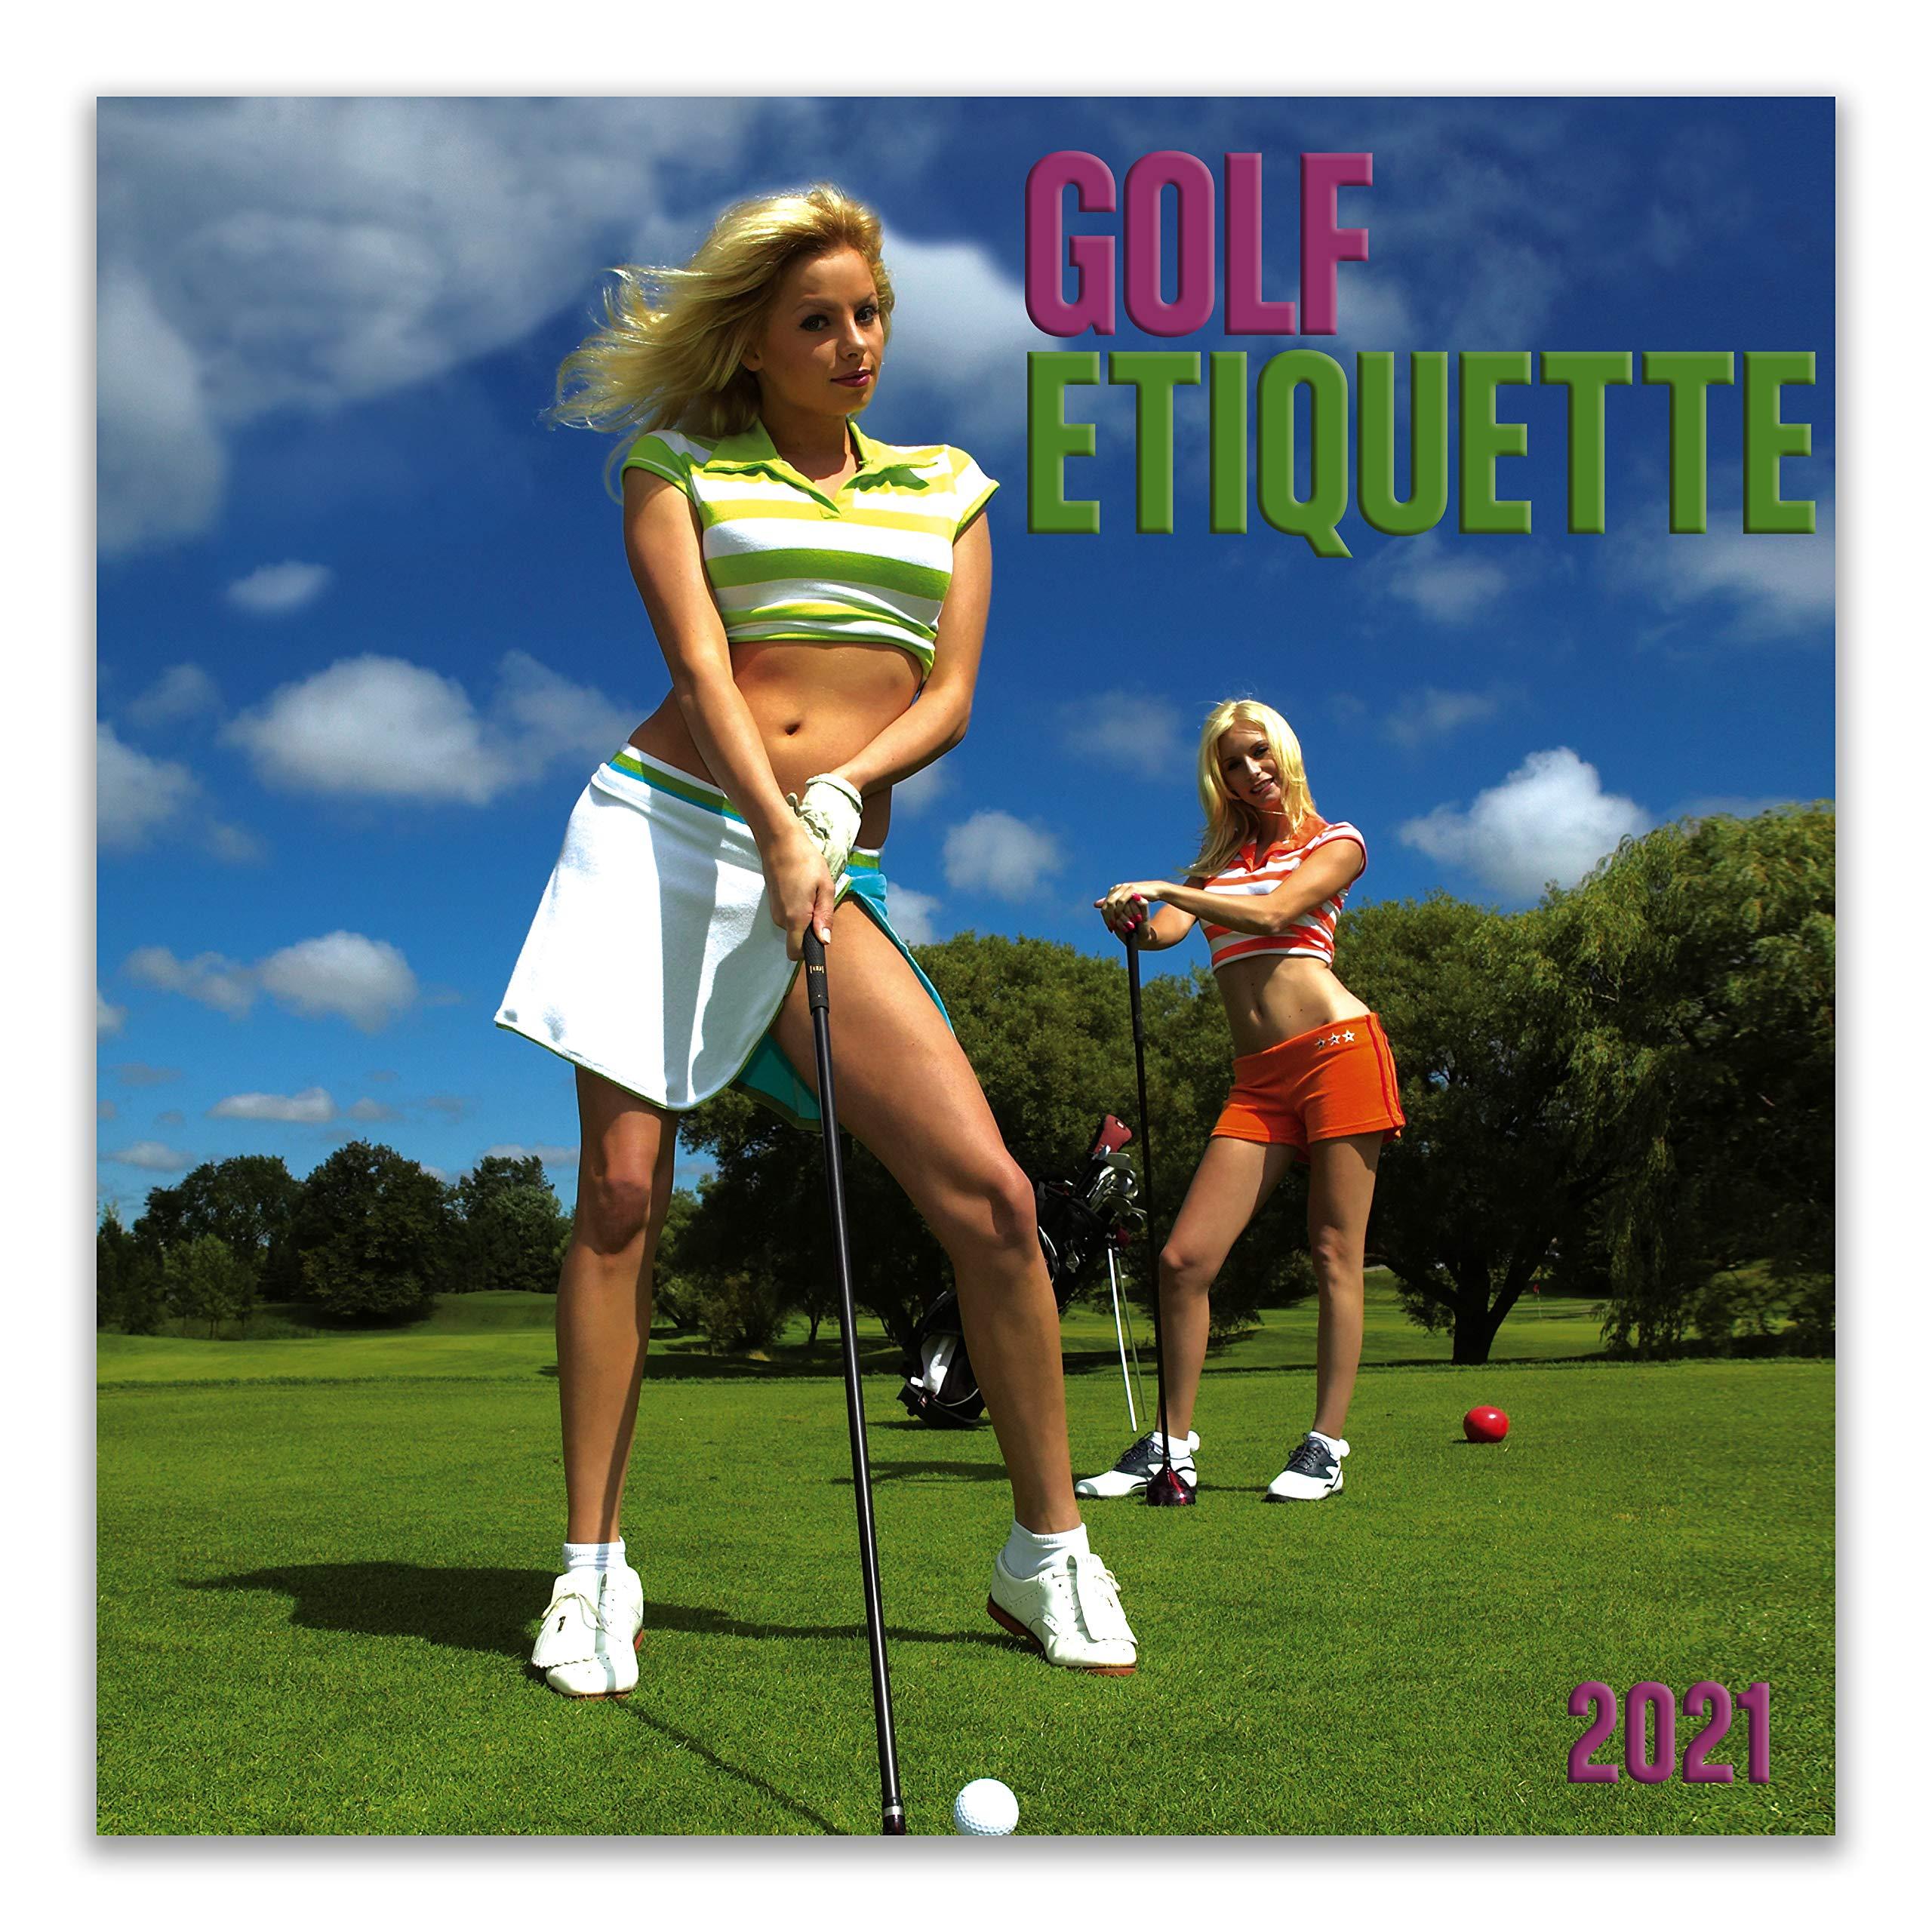 2021 Golf Calendar Golf Etiquette 2021 Wall Calendar: Zebra Publishing: 9781772185485